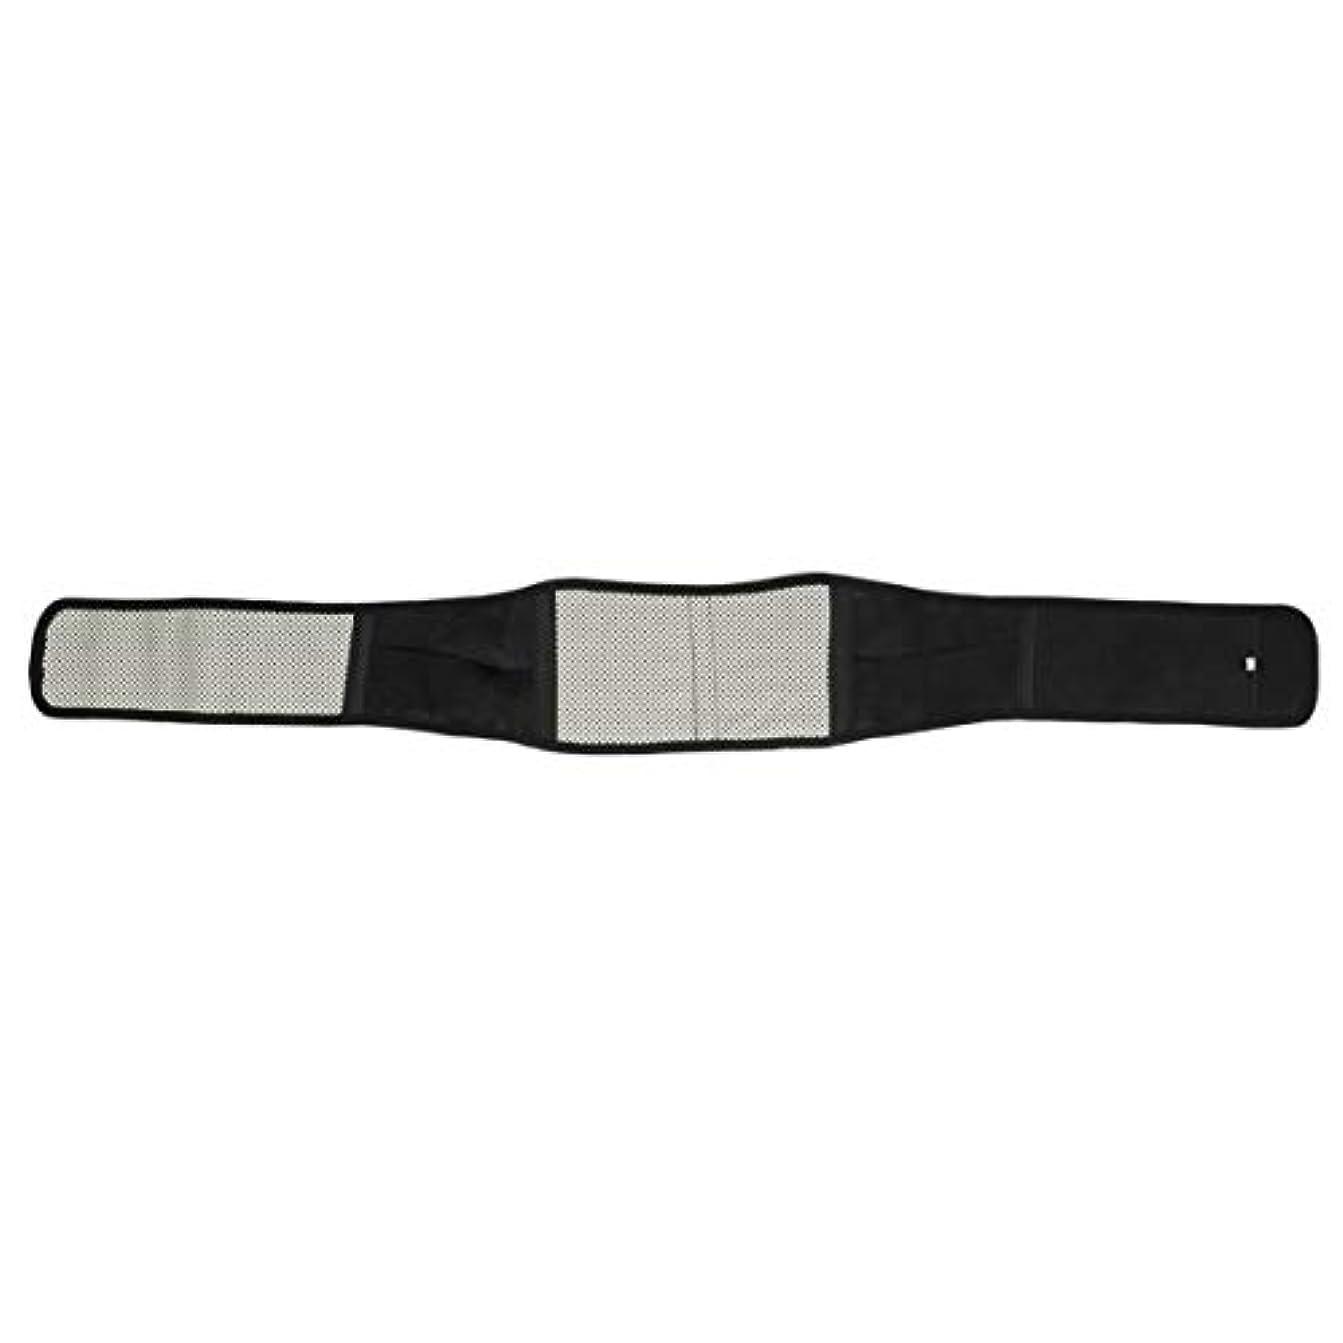 土器ファンブルほのかintercorey脂肪燃焼ベルト腰椎サポート痛みマッサージャー赤外線磁気バックブレース自己発熱療法ウエストベルト調整可能な姿勢ベルト